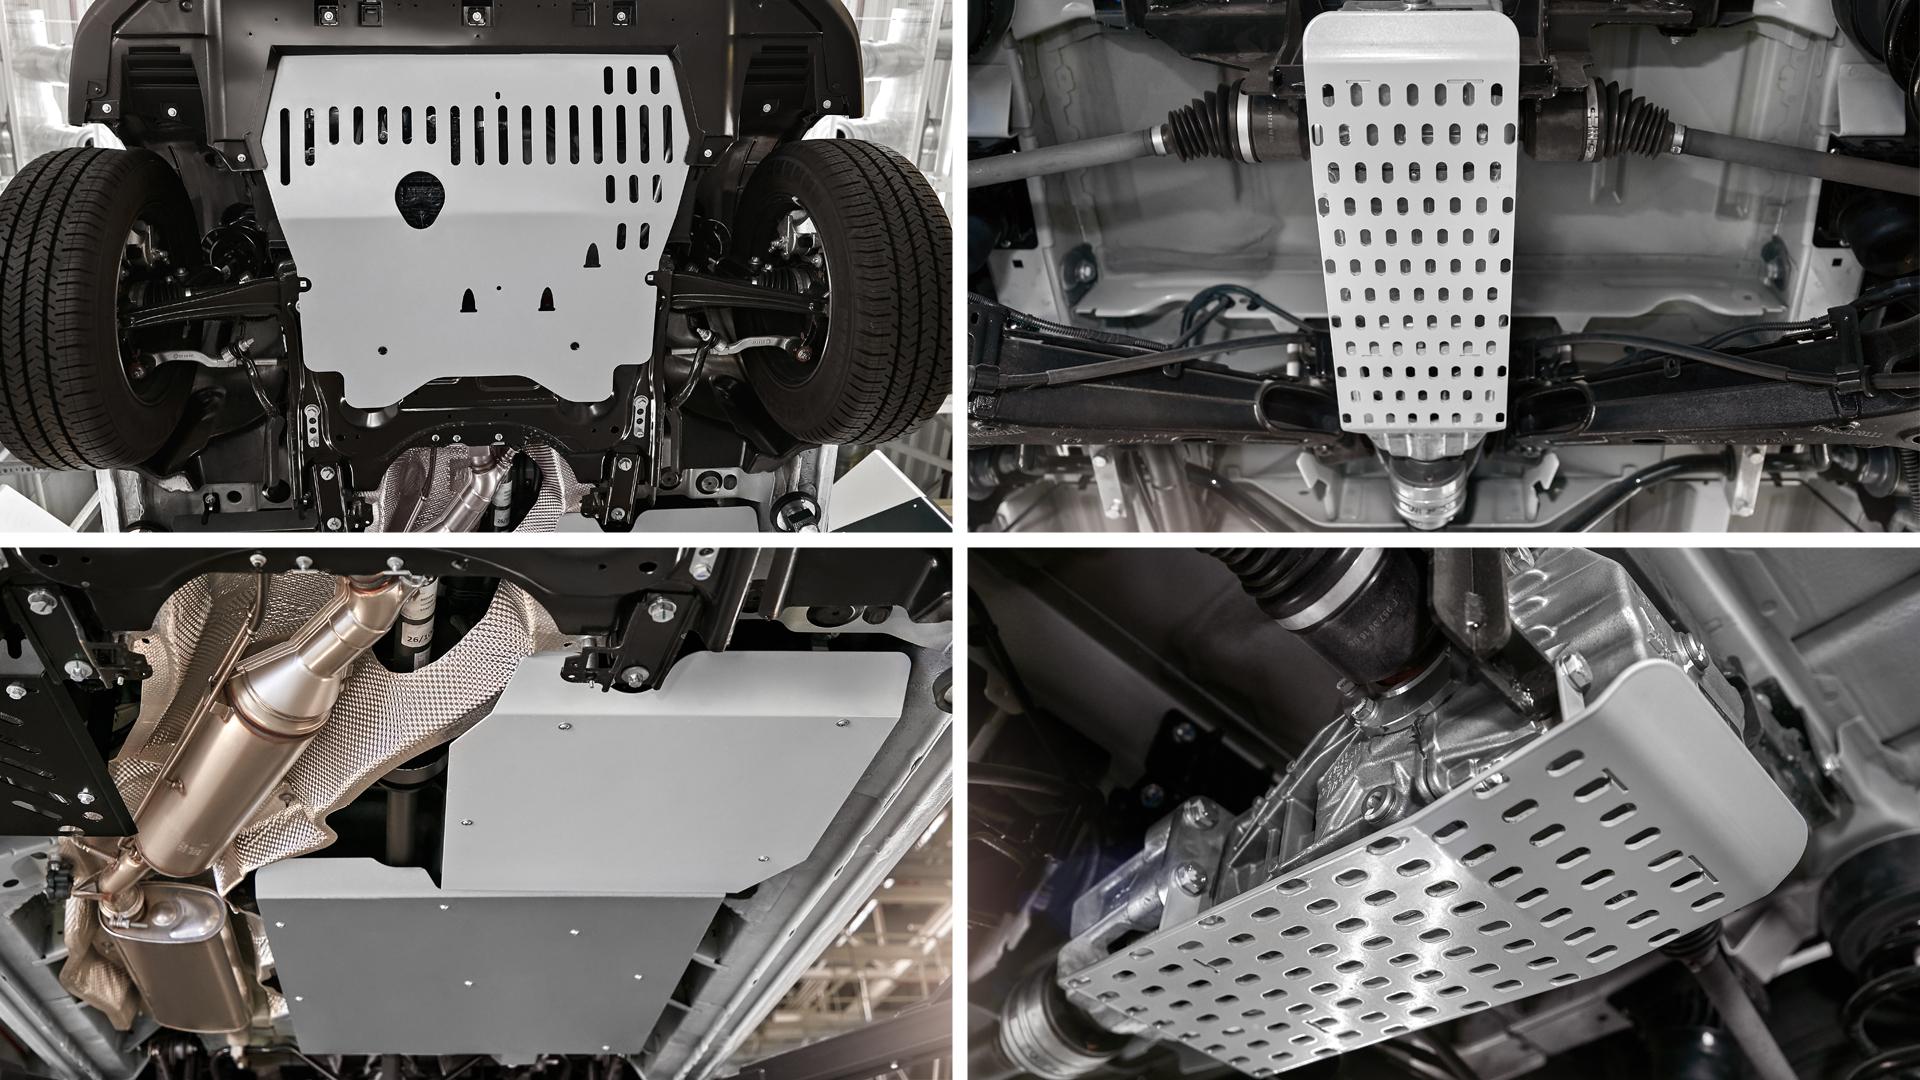 Citroёn SpaceTourer FEEL 4х4 / Peugeot Traveller ACTIVE 4х4 Citroёn Jumpy Comfort 4х4 / Peugeot Expert Pro 4х4